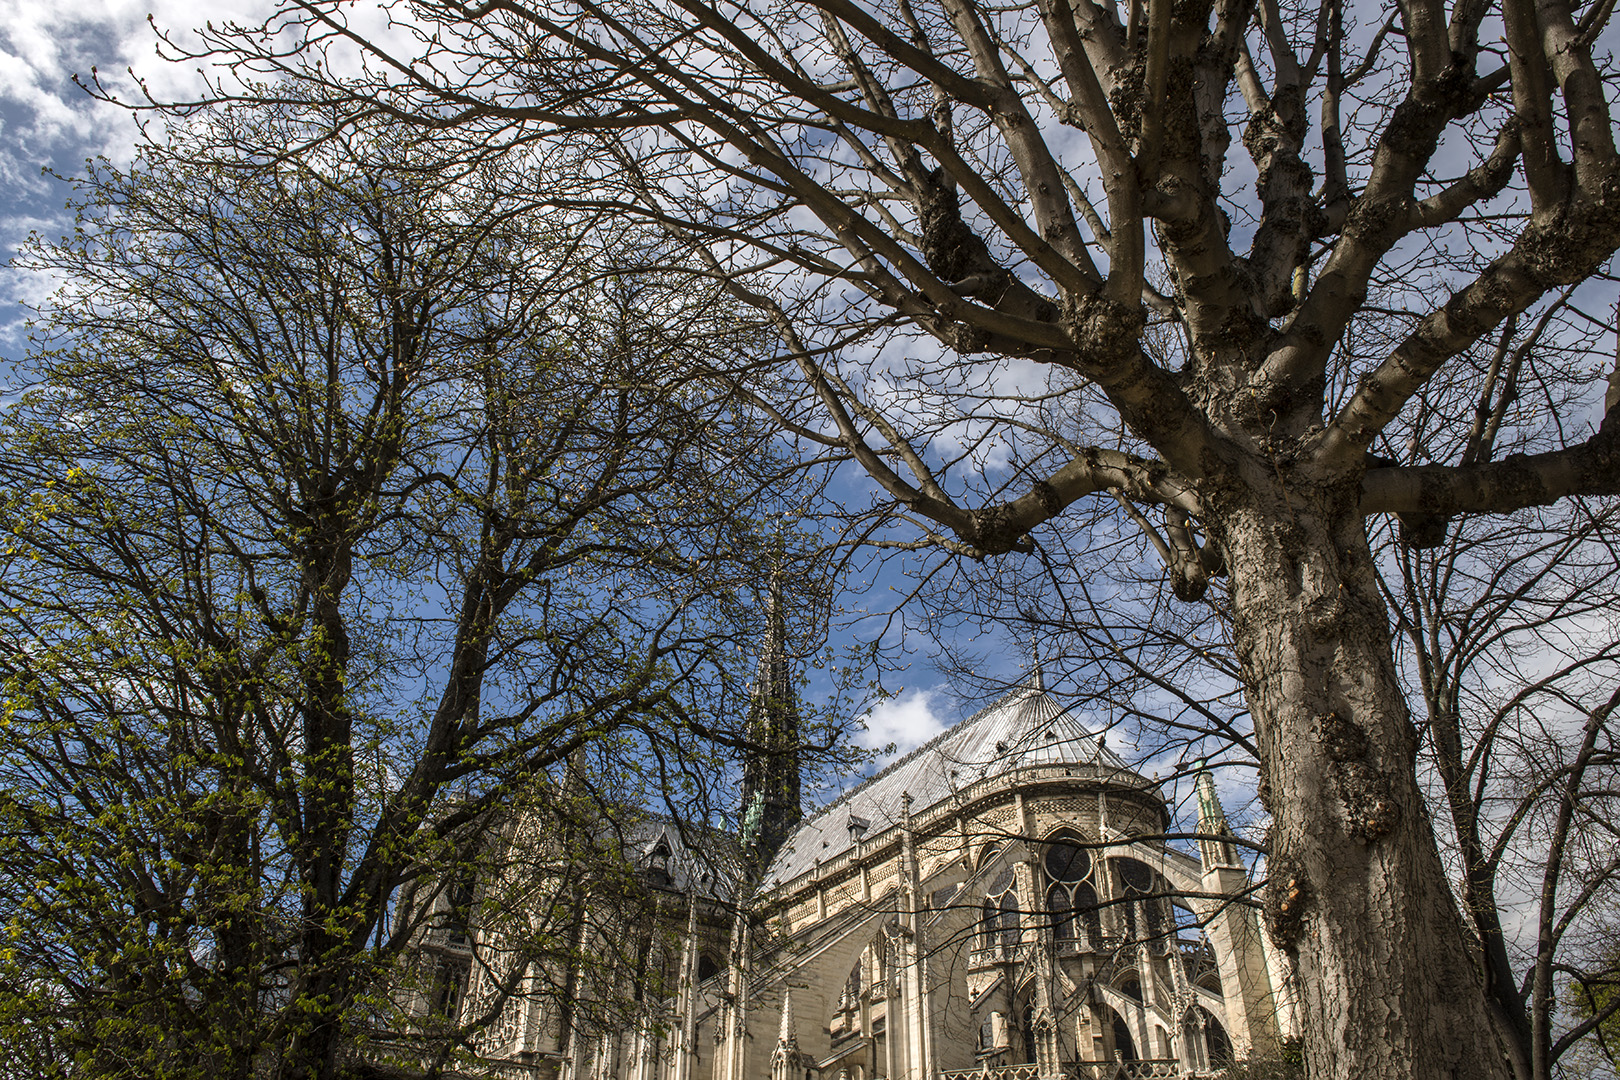 Analogie entre les arcs-boutants de la cathédrale gothique et les branches des arbres nus